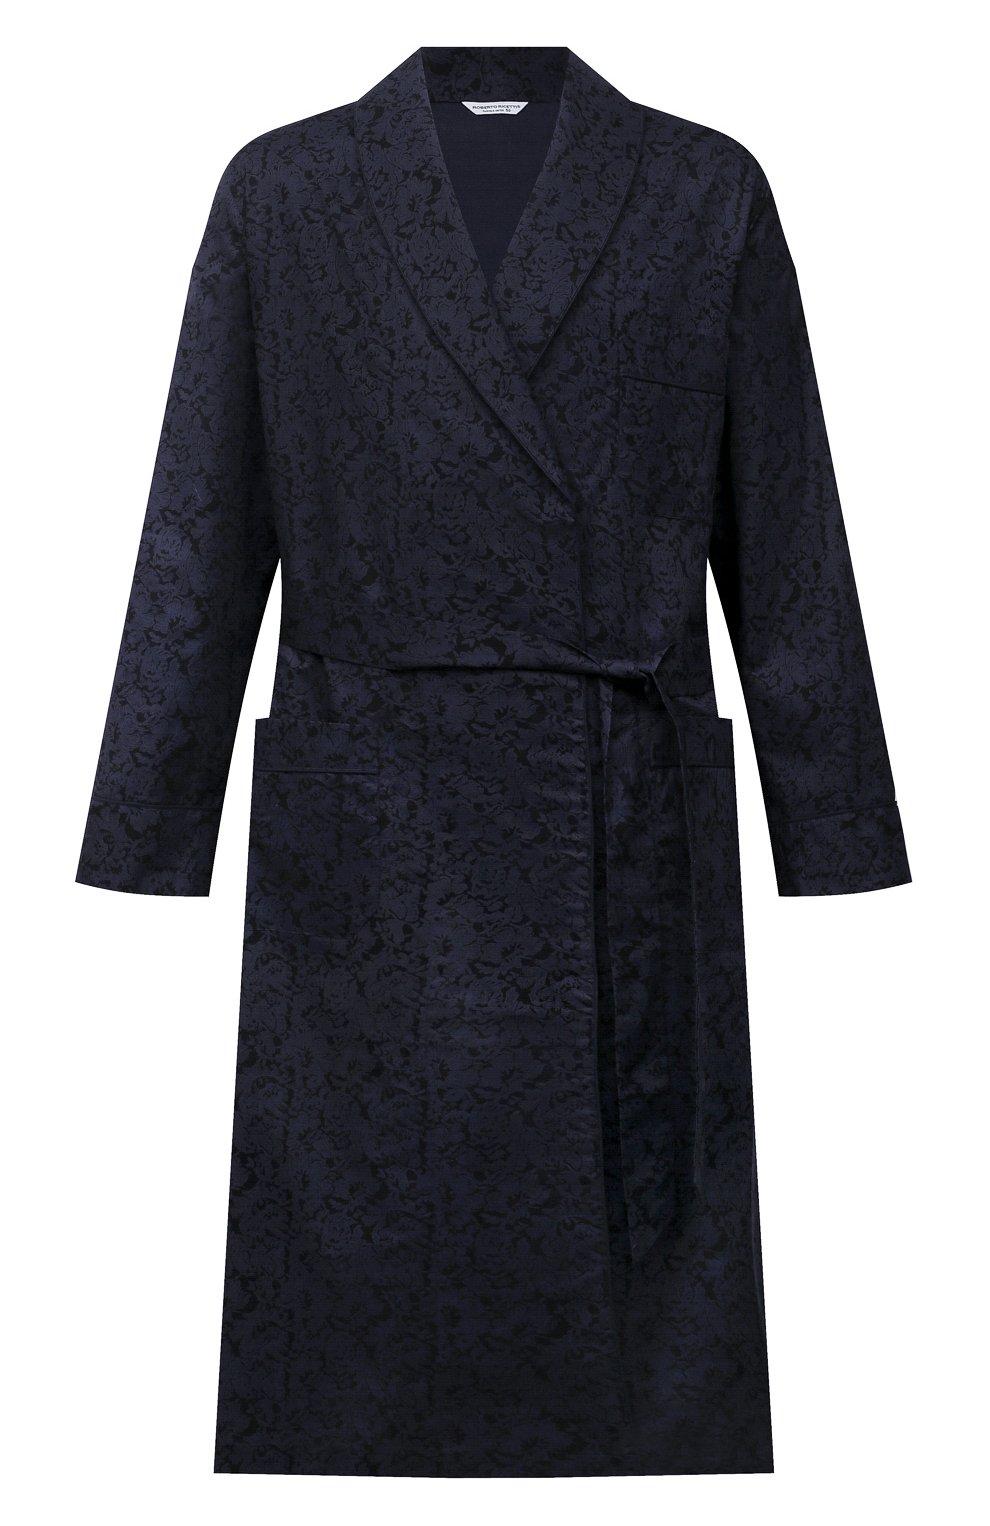 Мужской хлопковый халат ROBERTO RICETTI темно-синего цвета, арт. VESTAGLIA R0BE/C2611 | Фото 1 (Рукава: Длинные; Кросс-КТ: домашняя одежда; Материал внешний: Хлопок; Длина (верхняя одежда): Длинные)